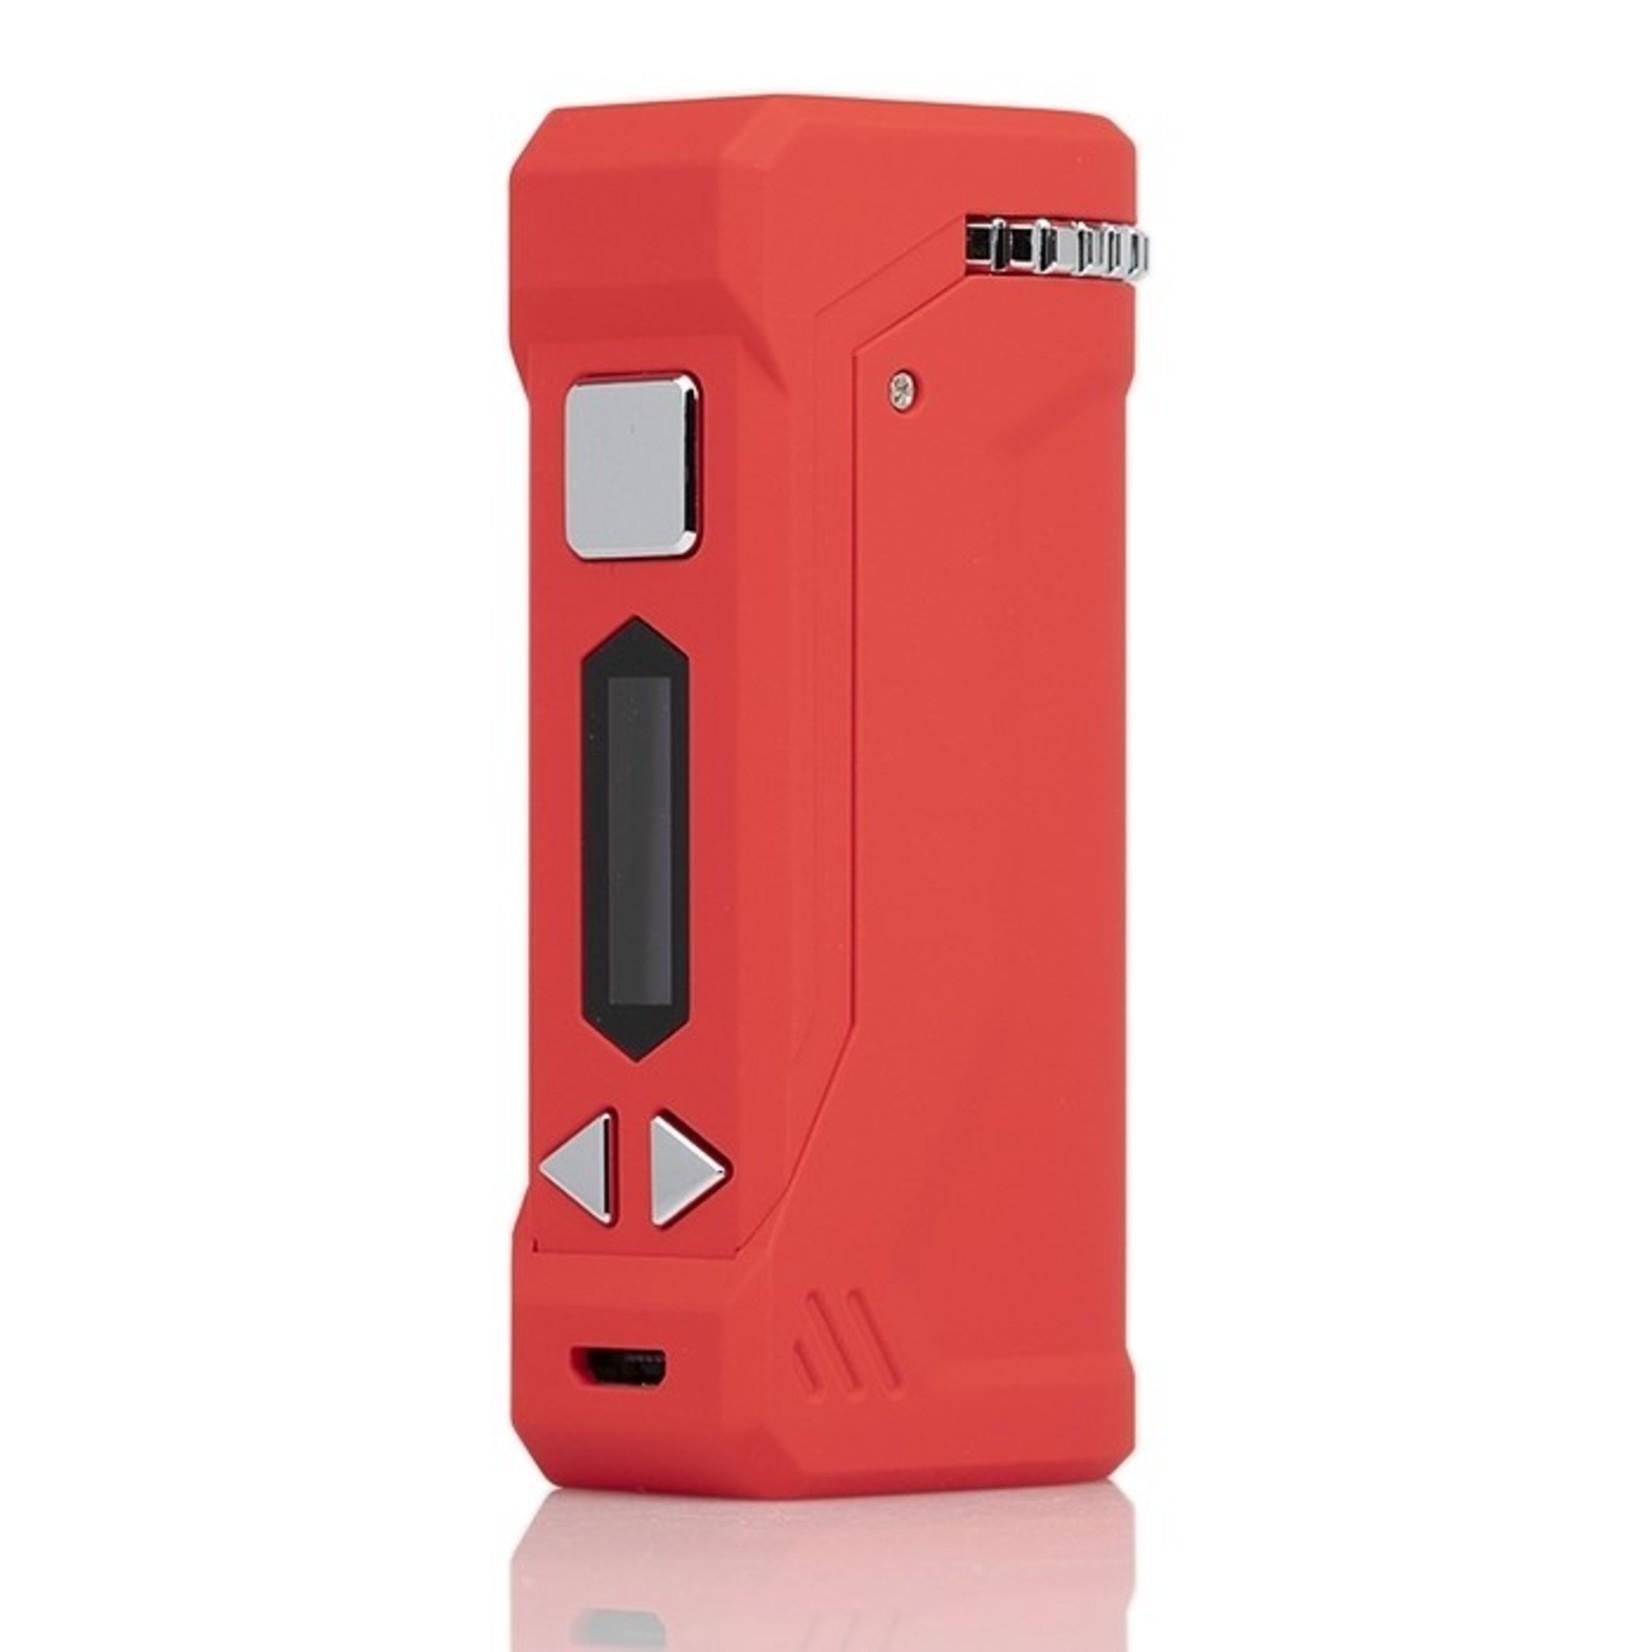 Yocan Uni Pro 650 mah Battery